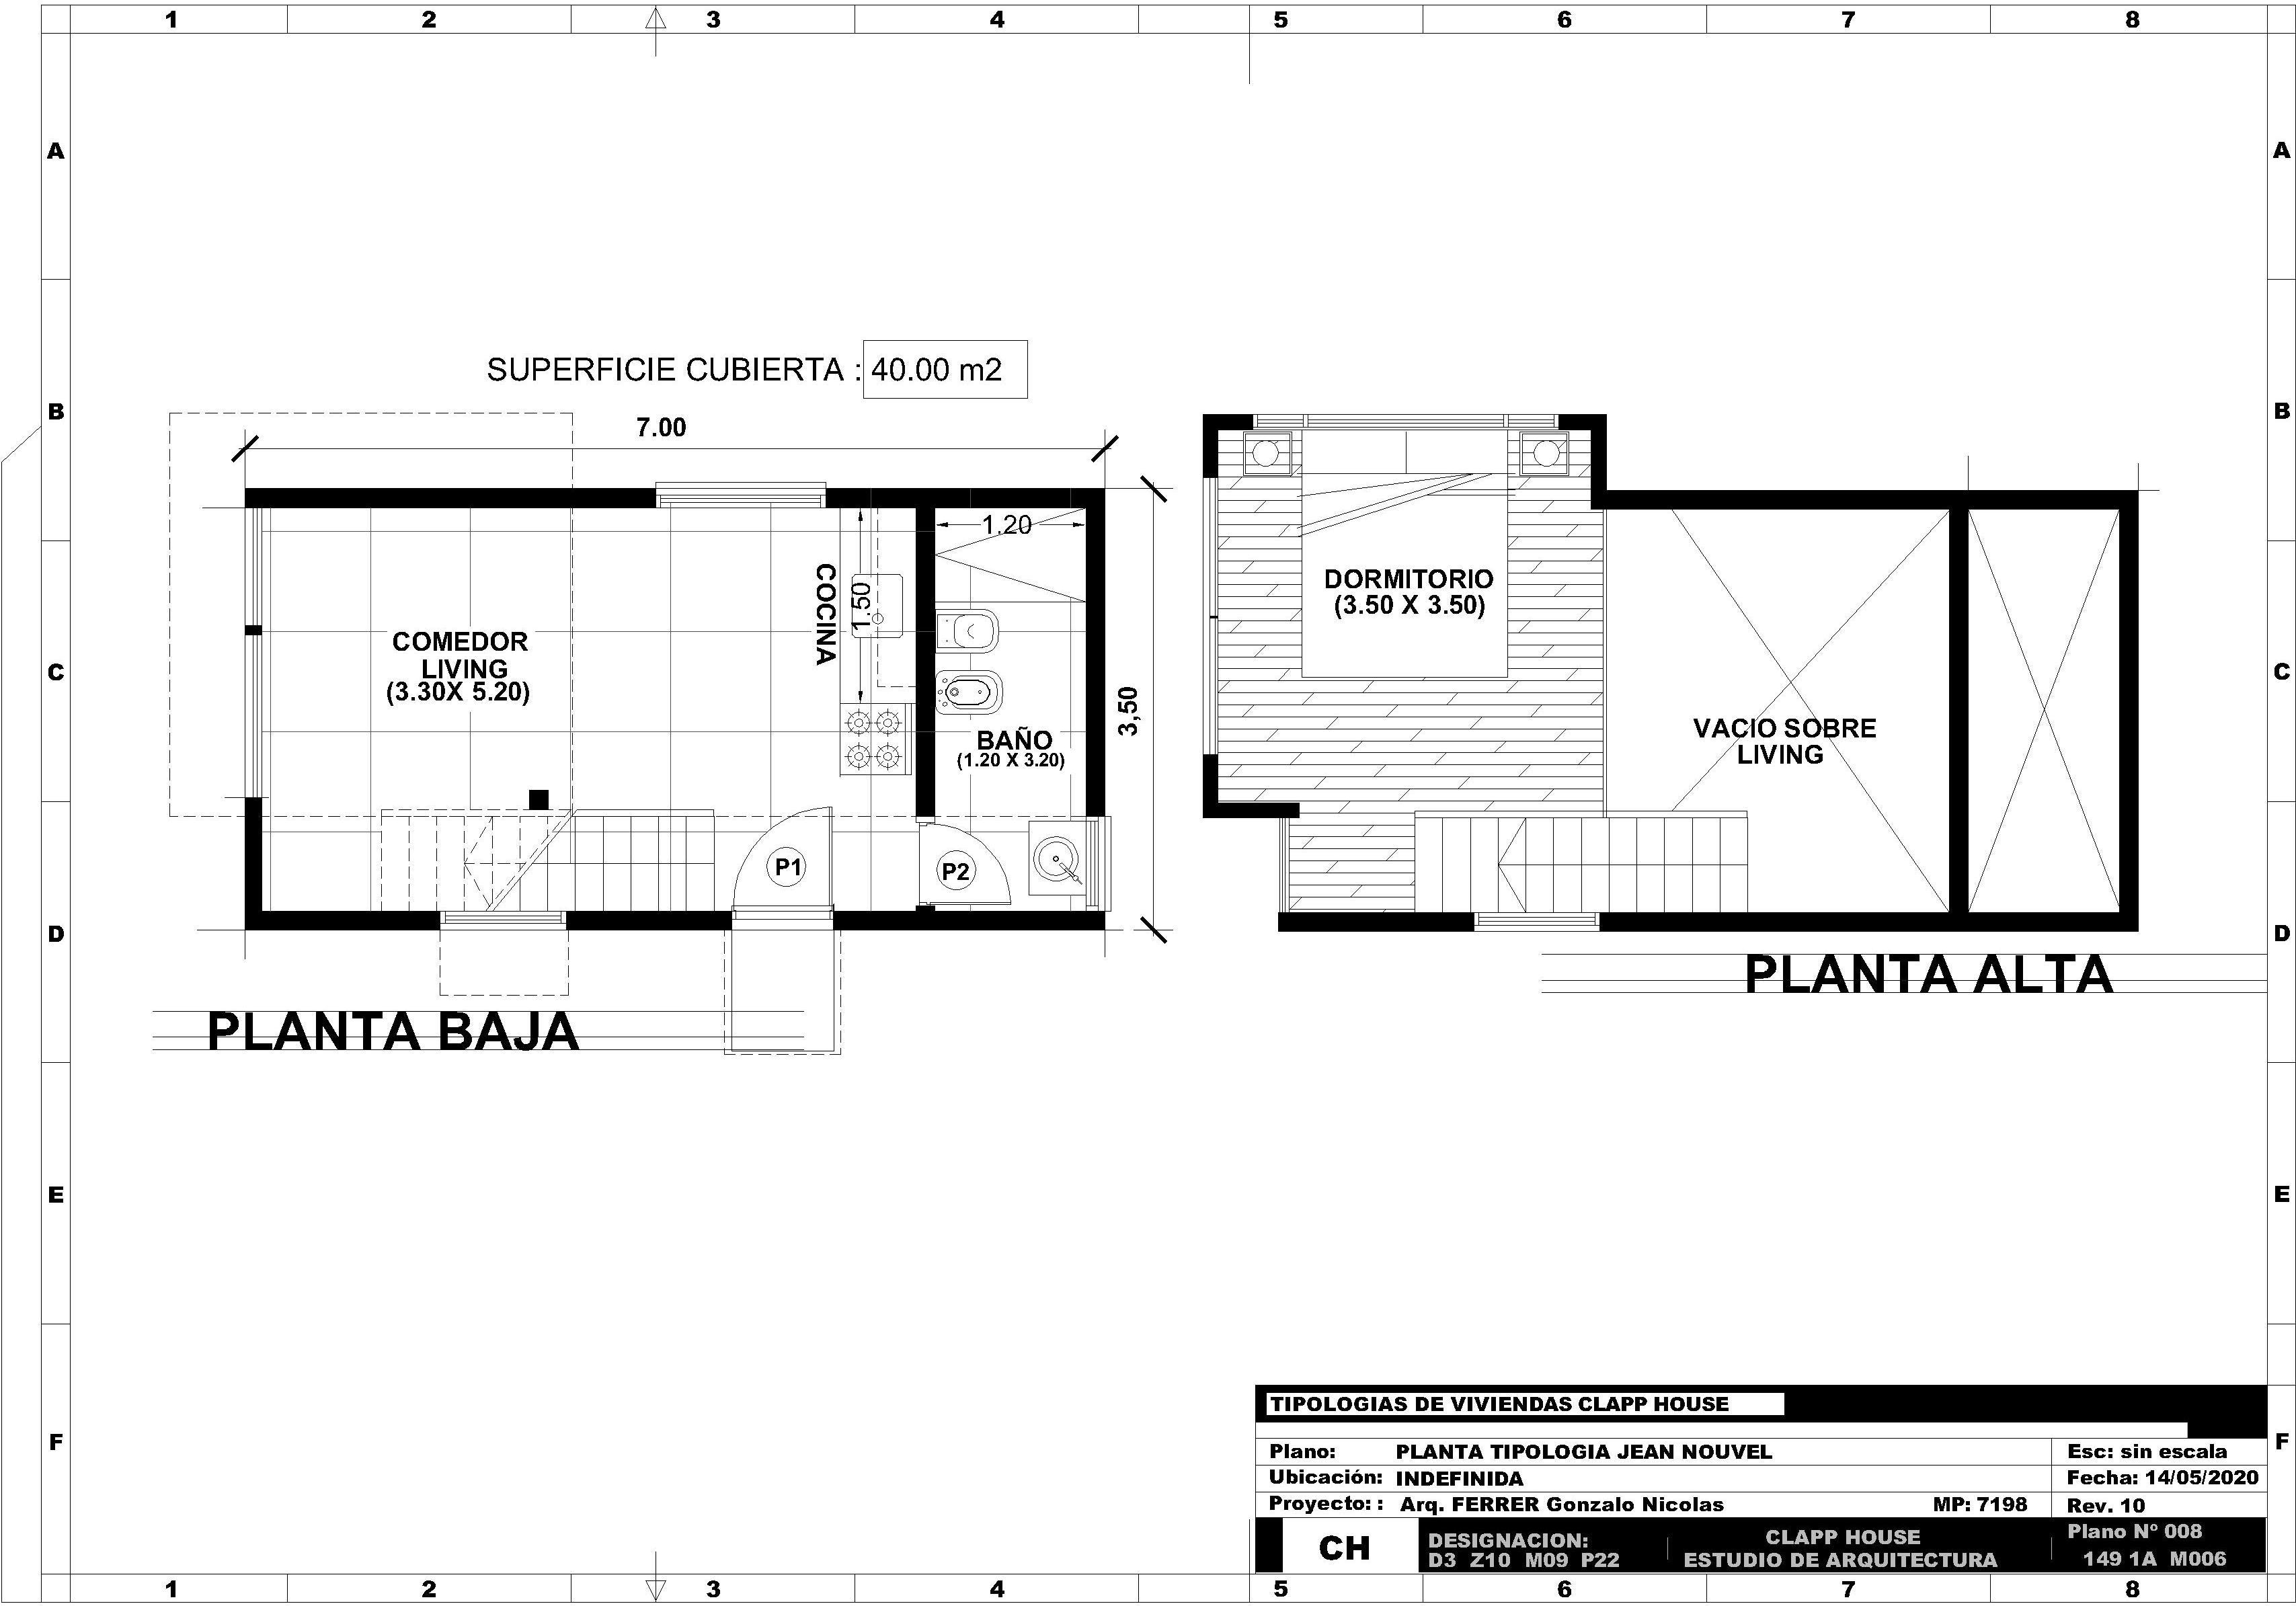 JEAN NOUVEL 1 Dormitorio 40m2